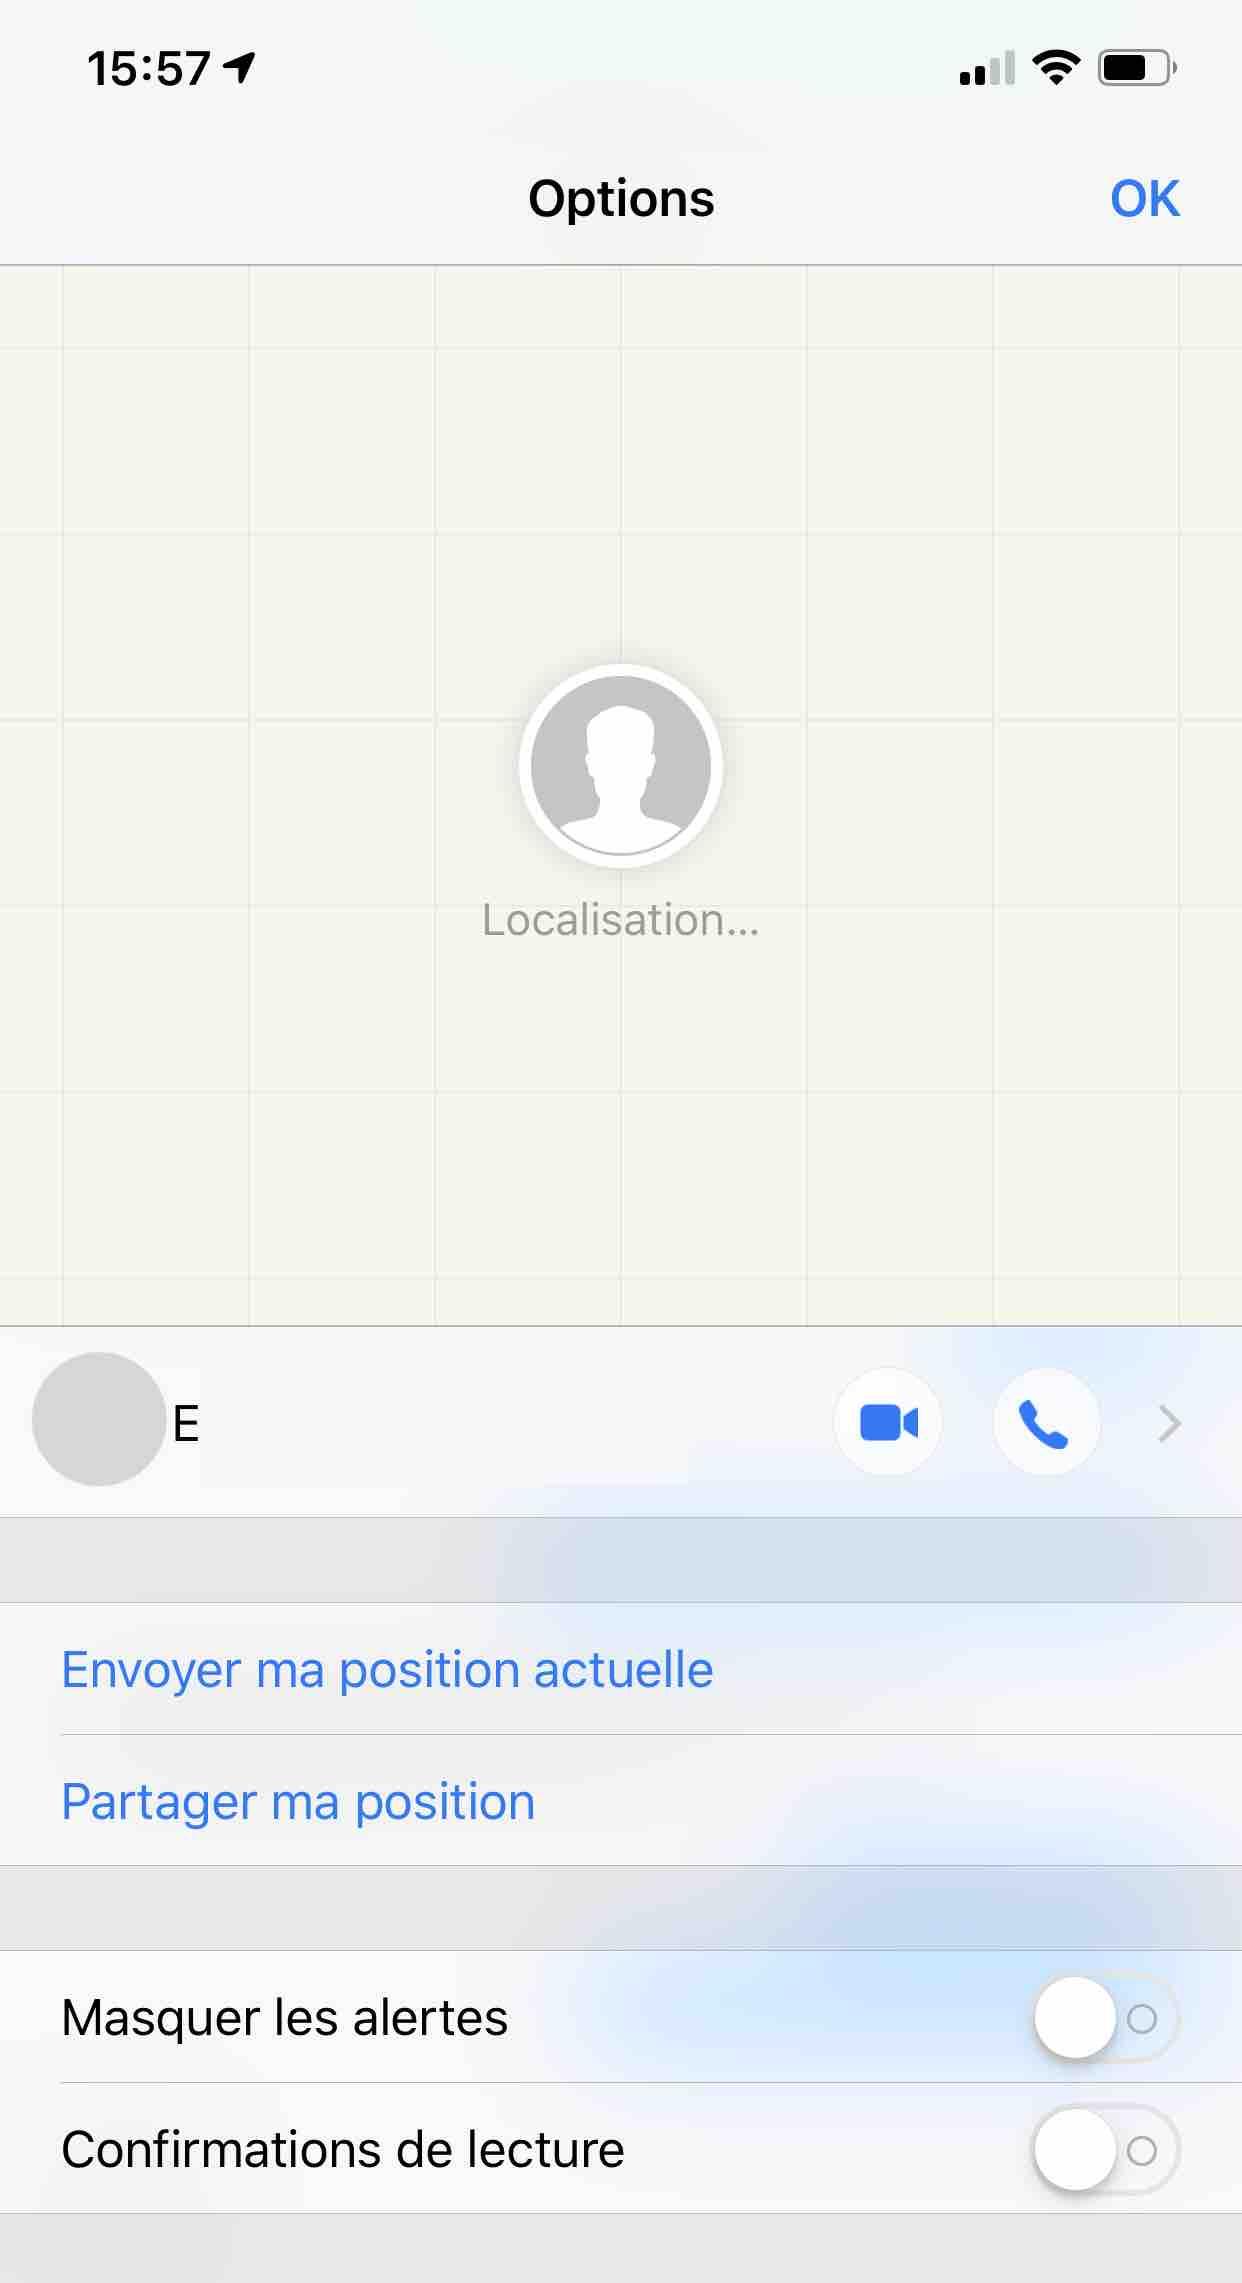 • Gérer le partage de position de Google, sur Android et iOS